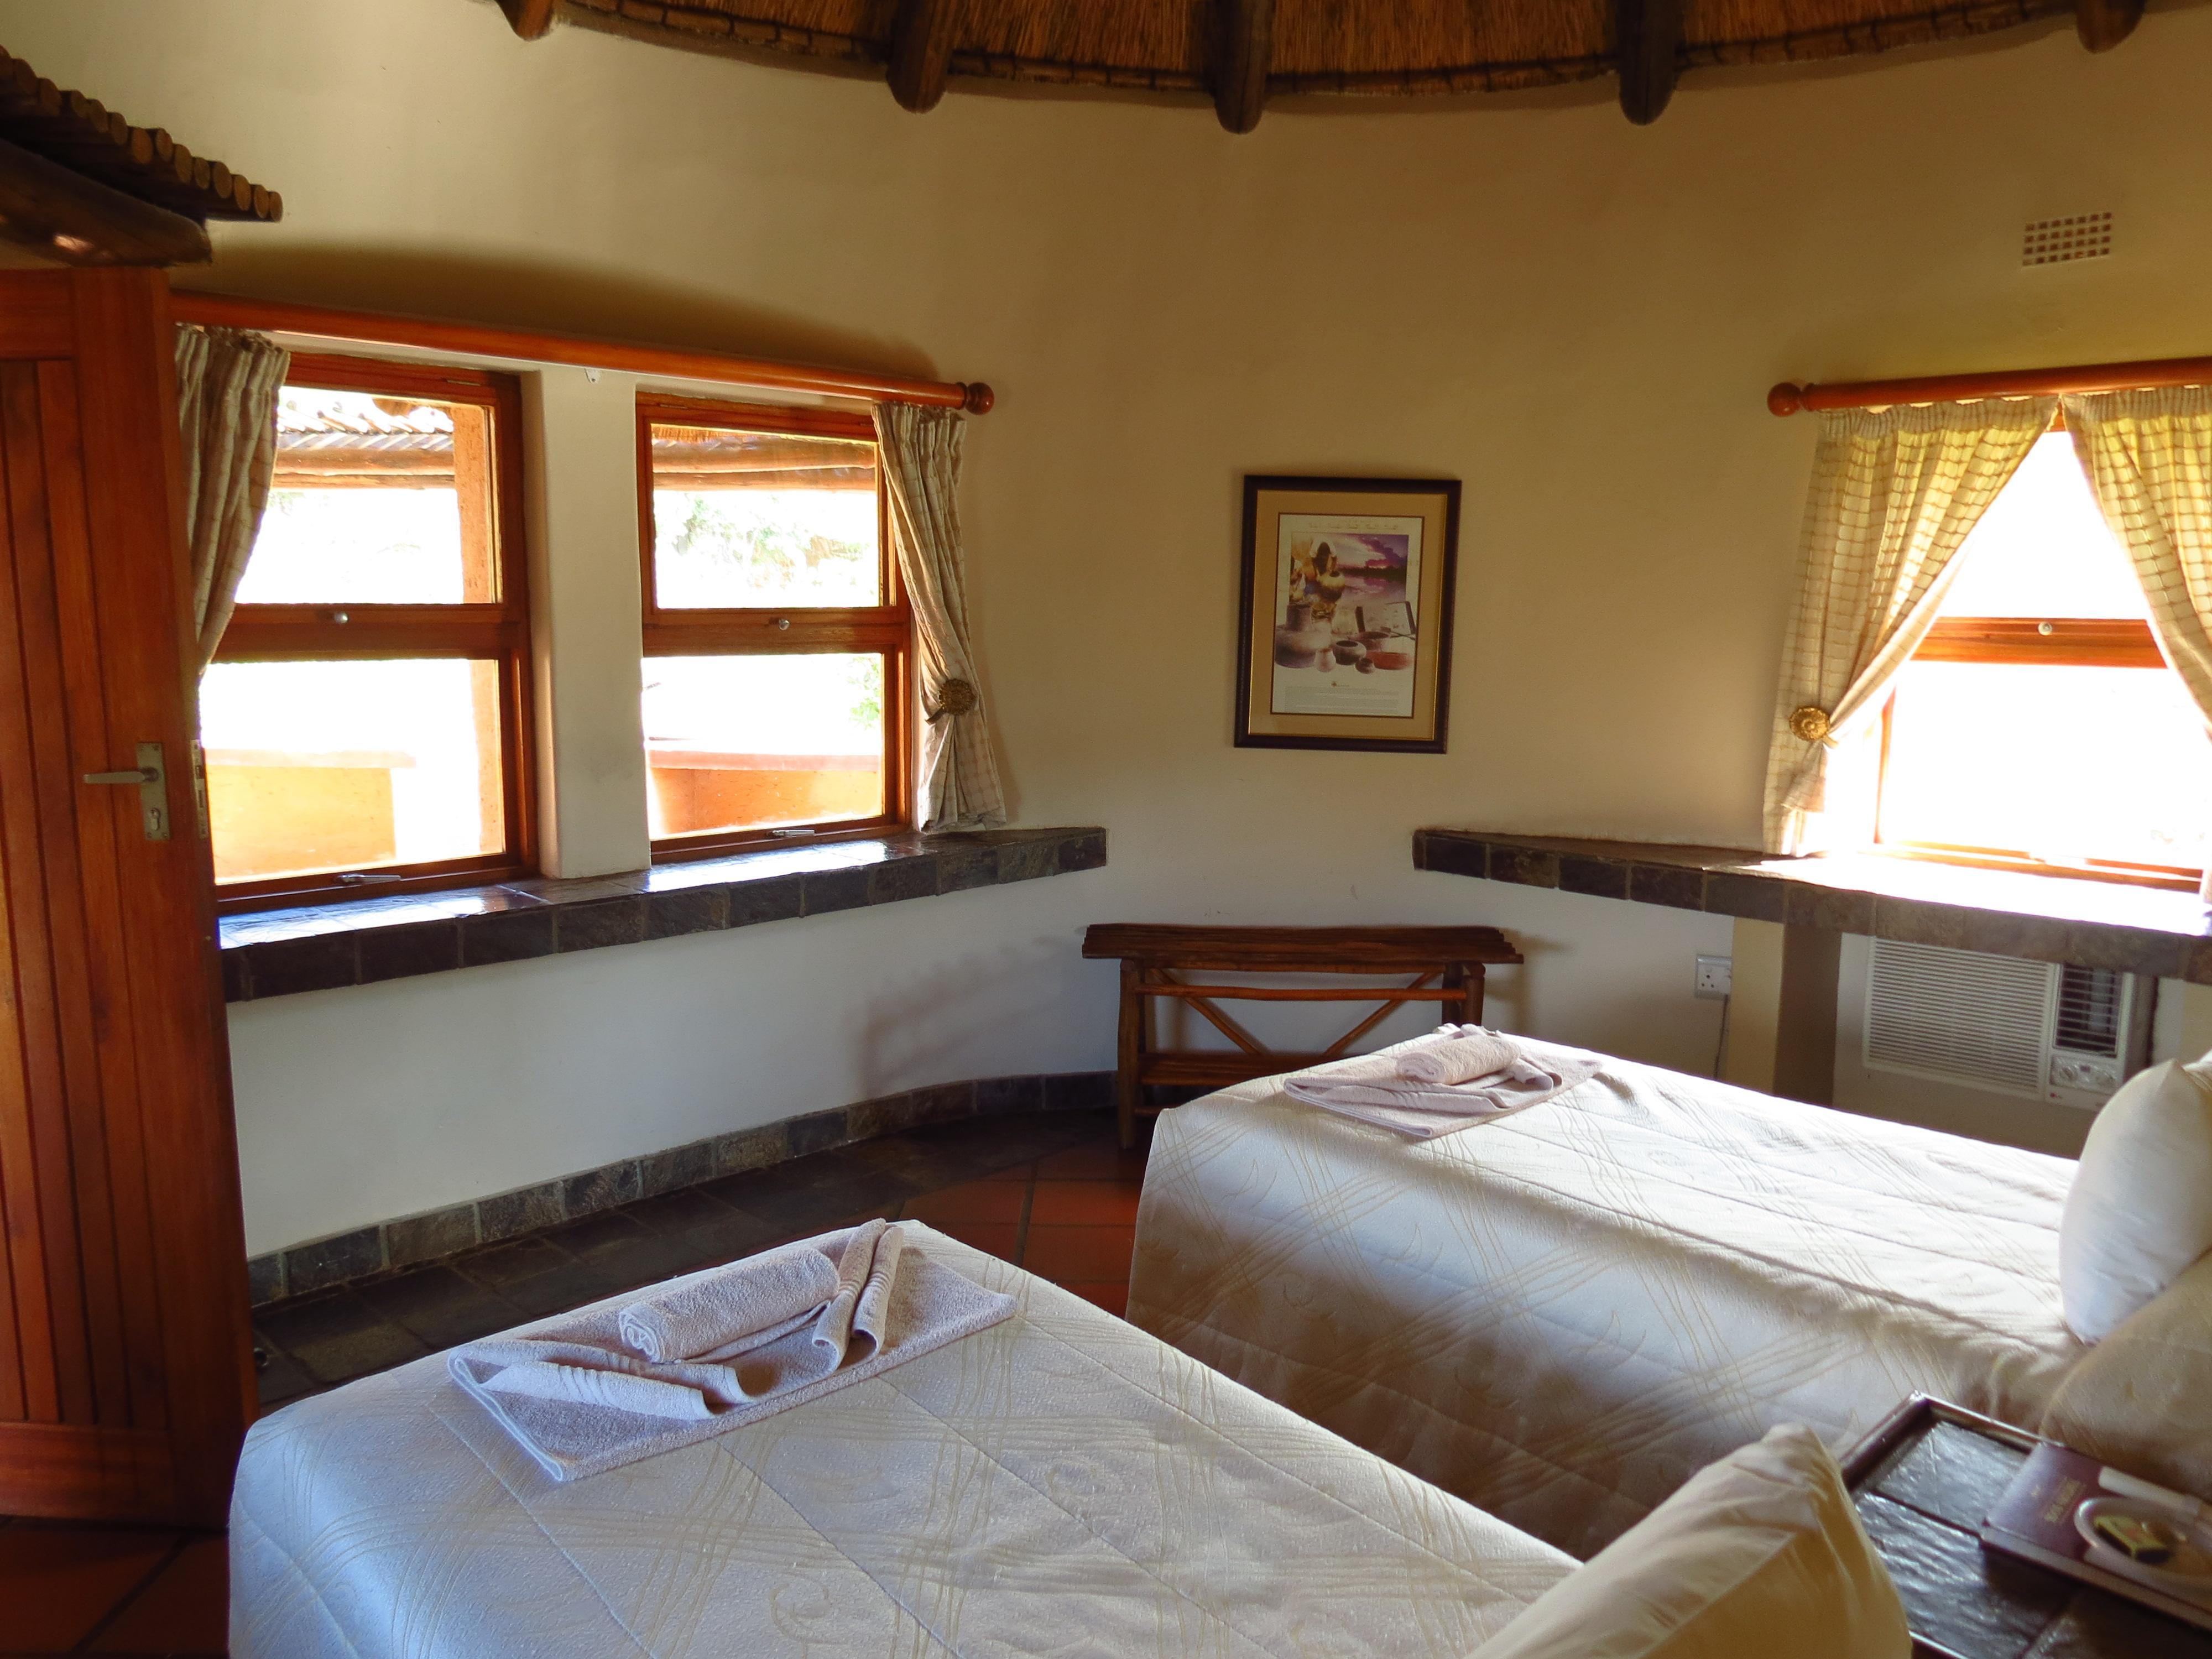 Leokwe Camp - Mapungubwe National Park